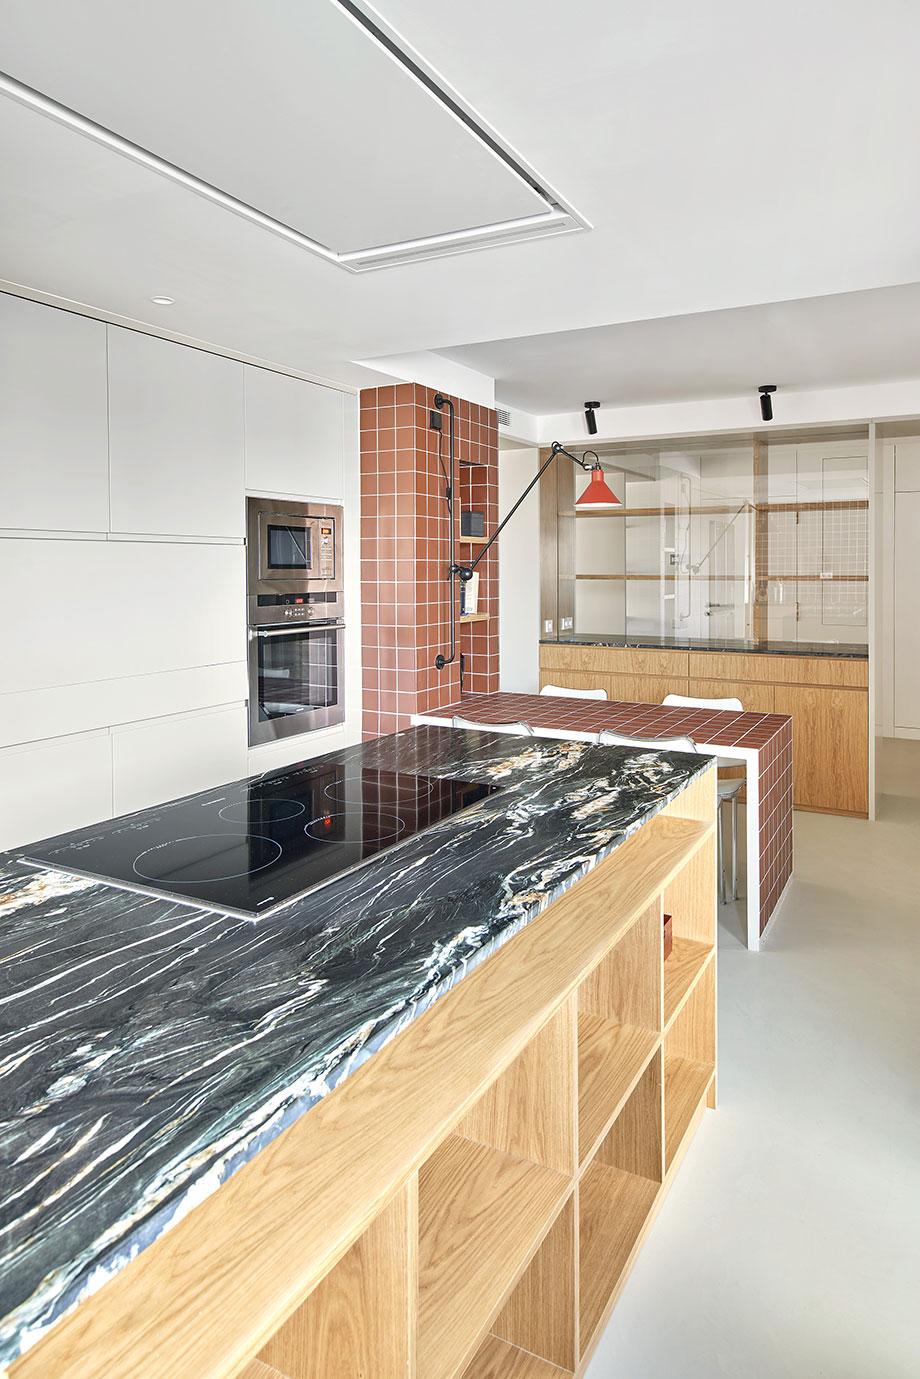 vivienda joliver de bonba studio (13) - foto jose hevia